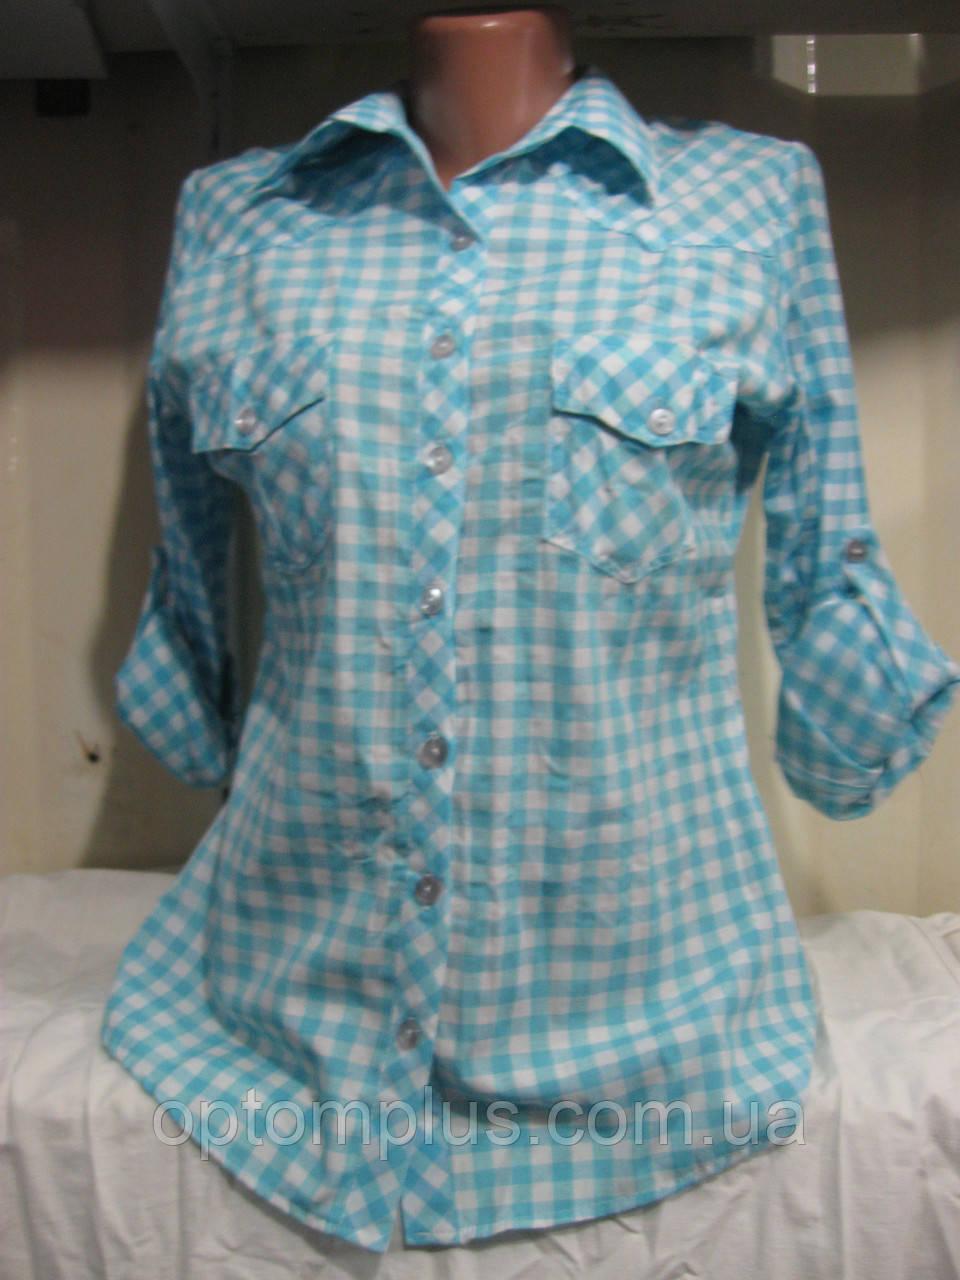 cef219885927 Купить Рубашка женская (коттон) клеточка Турция Розница